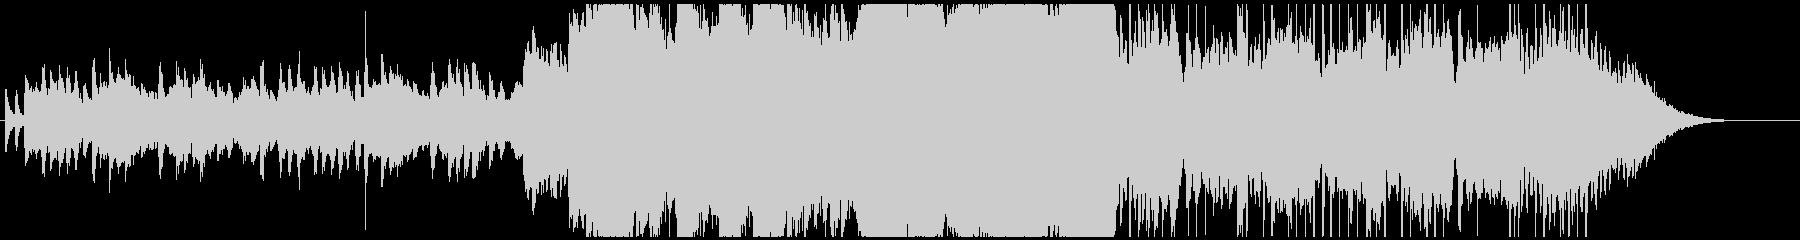 しっとり癒しのピアノ・エレピ・バイオリンの未再生の波形